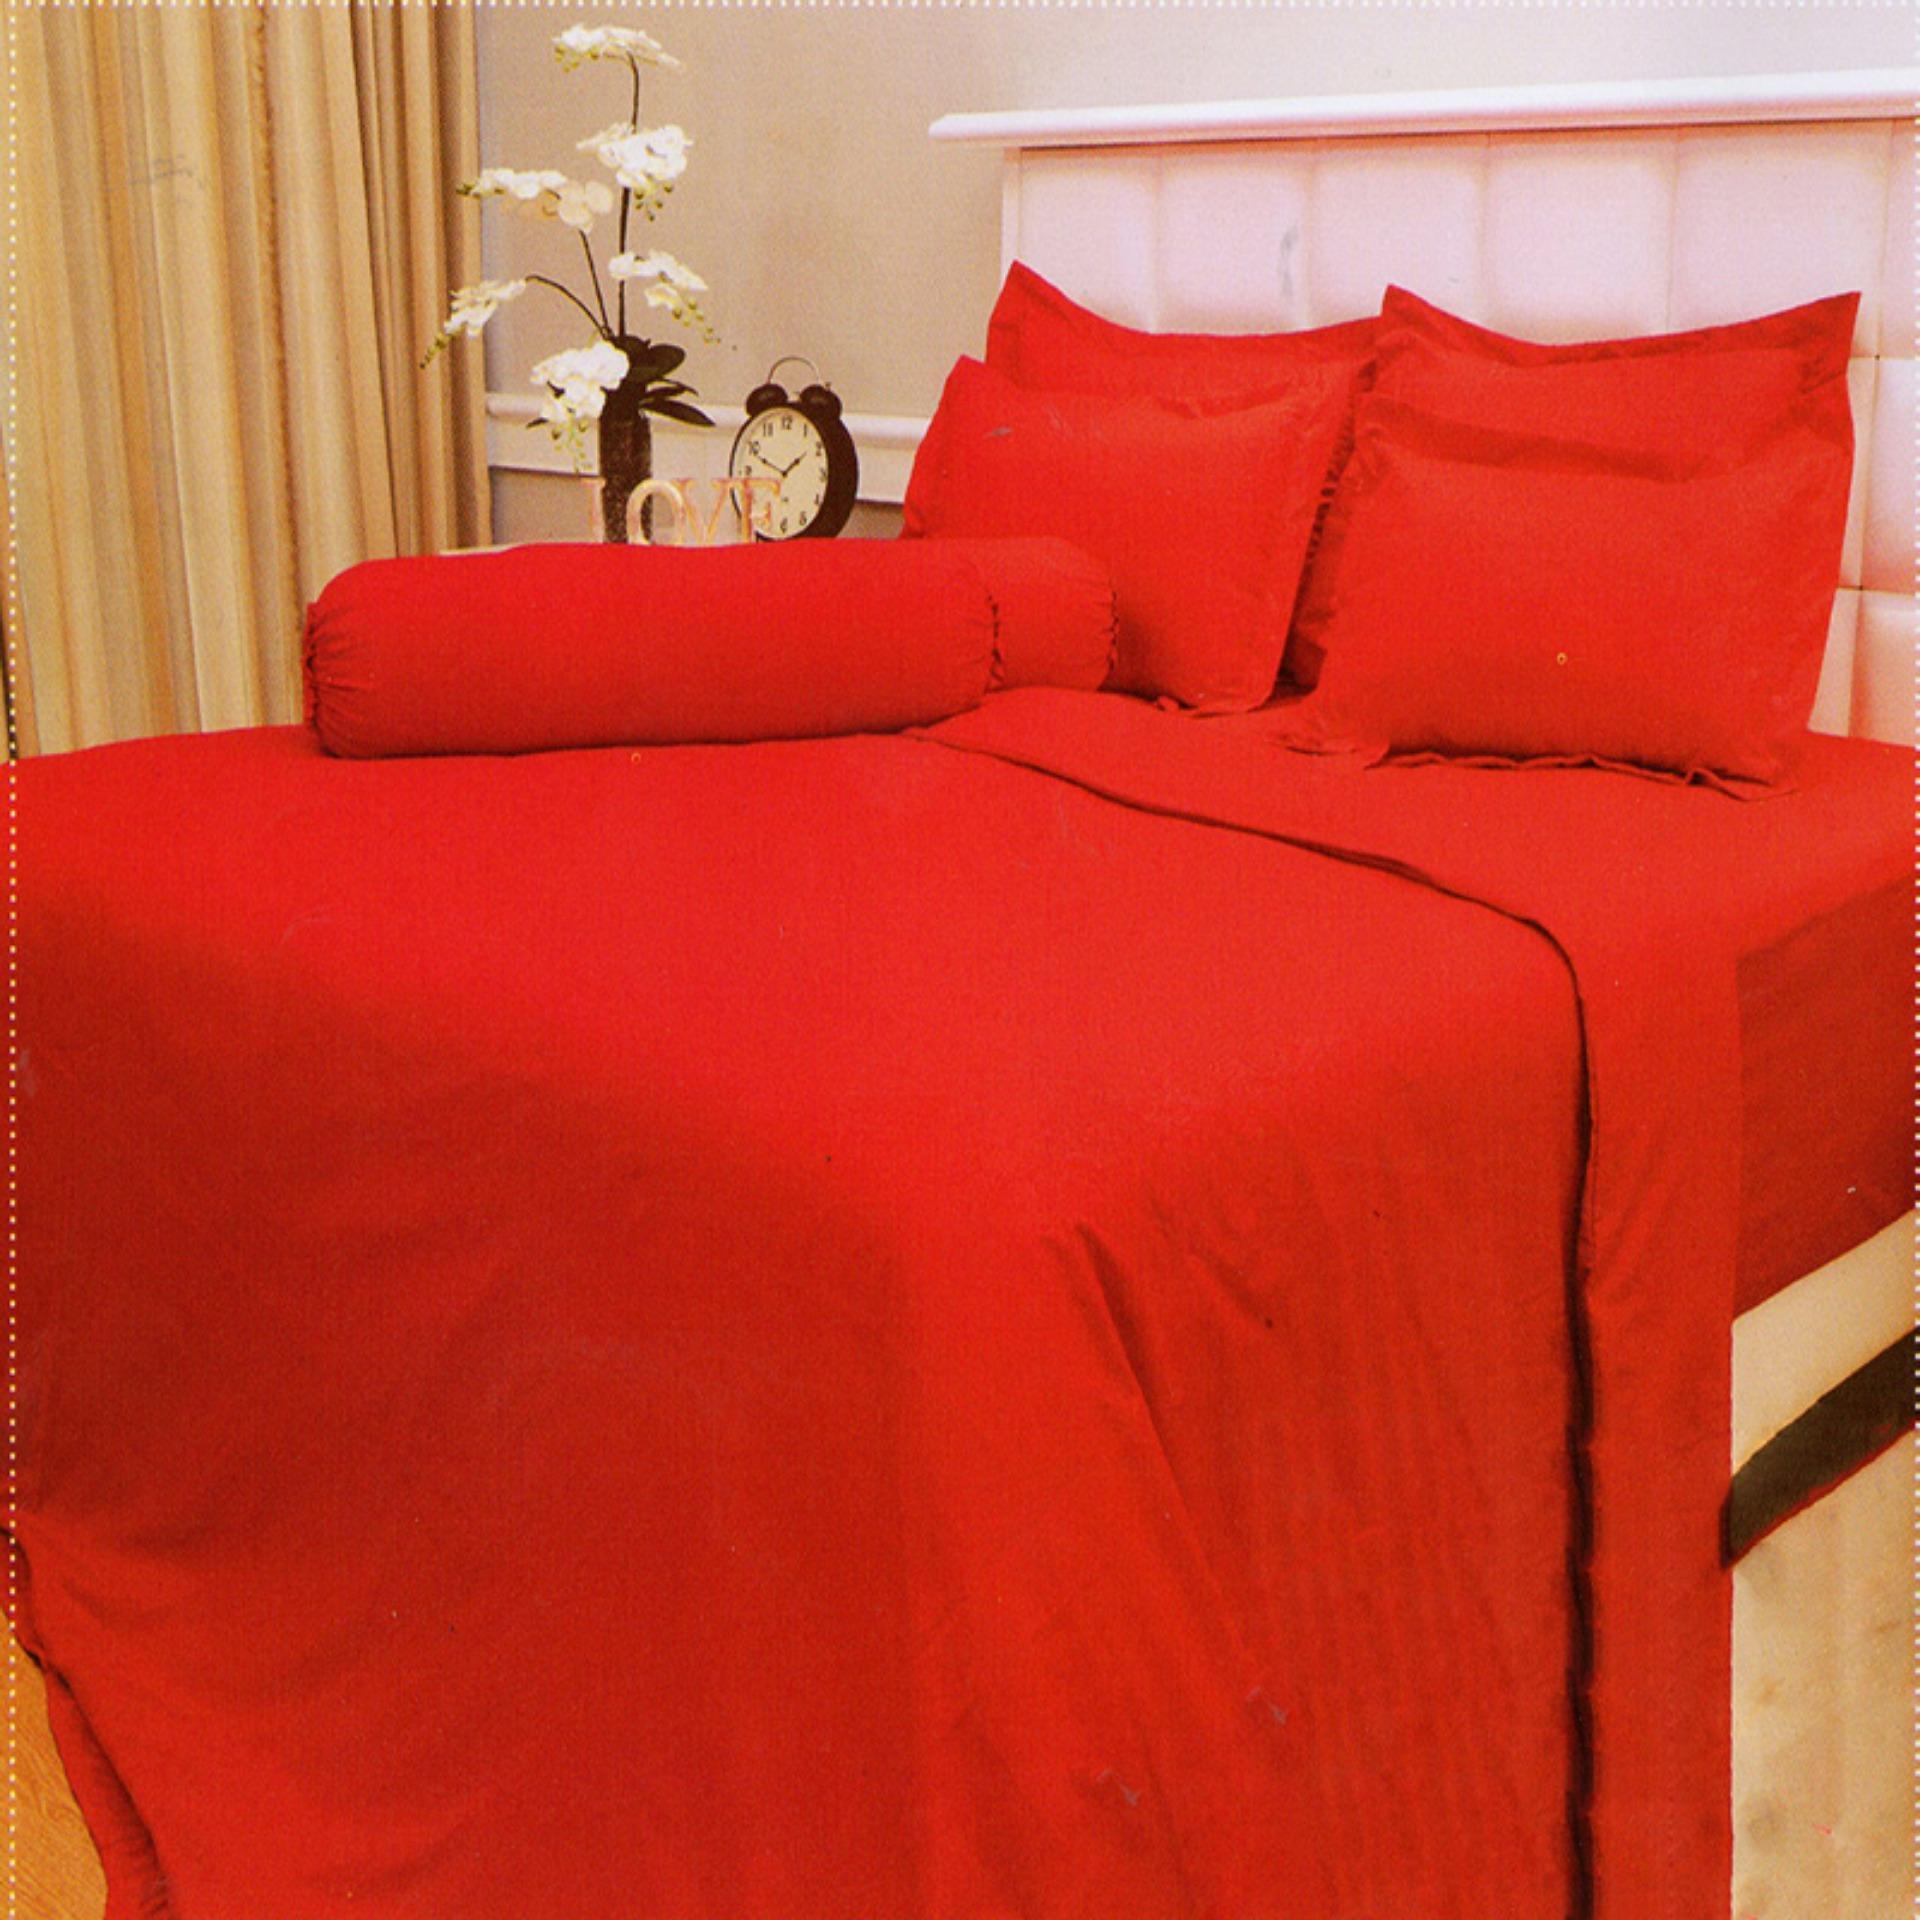 Vallery Sprei Jacquard 120x200 - Merah